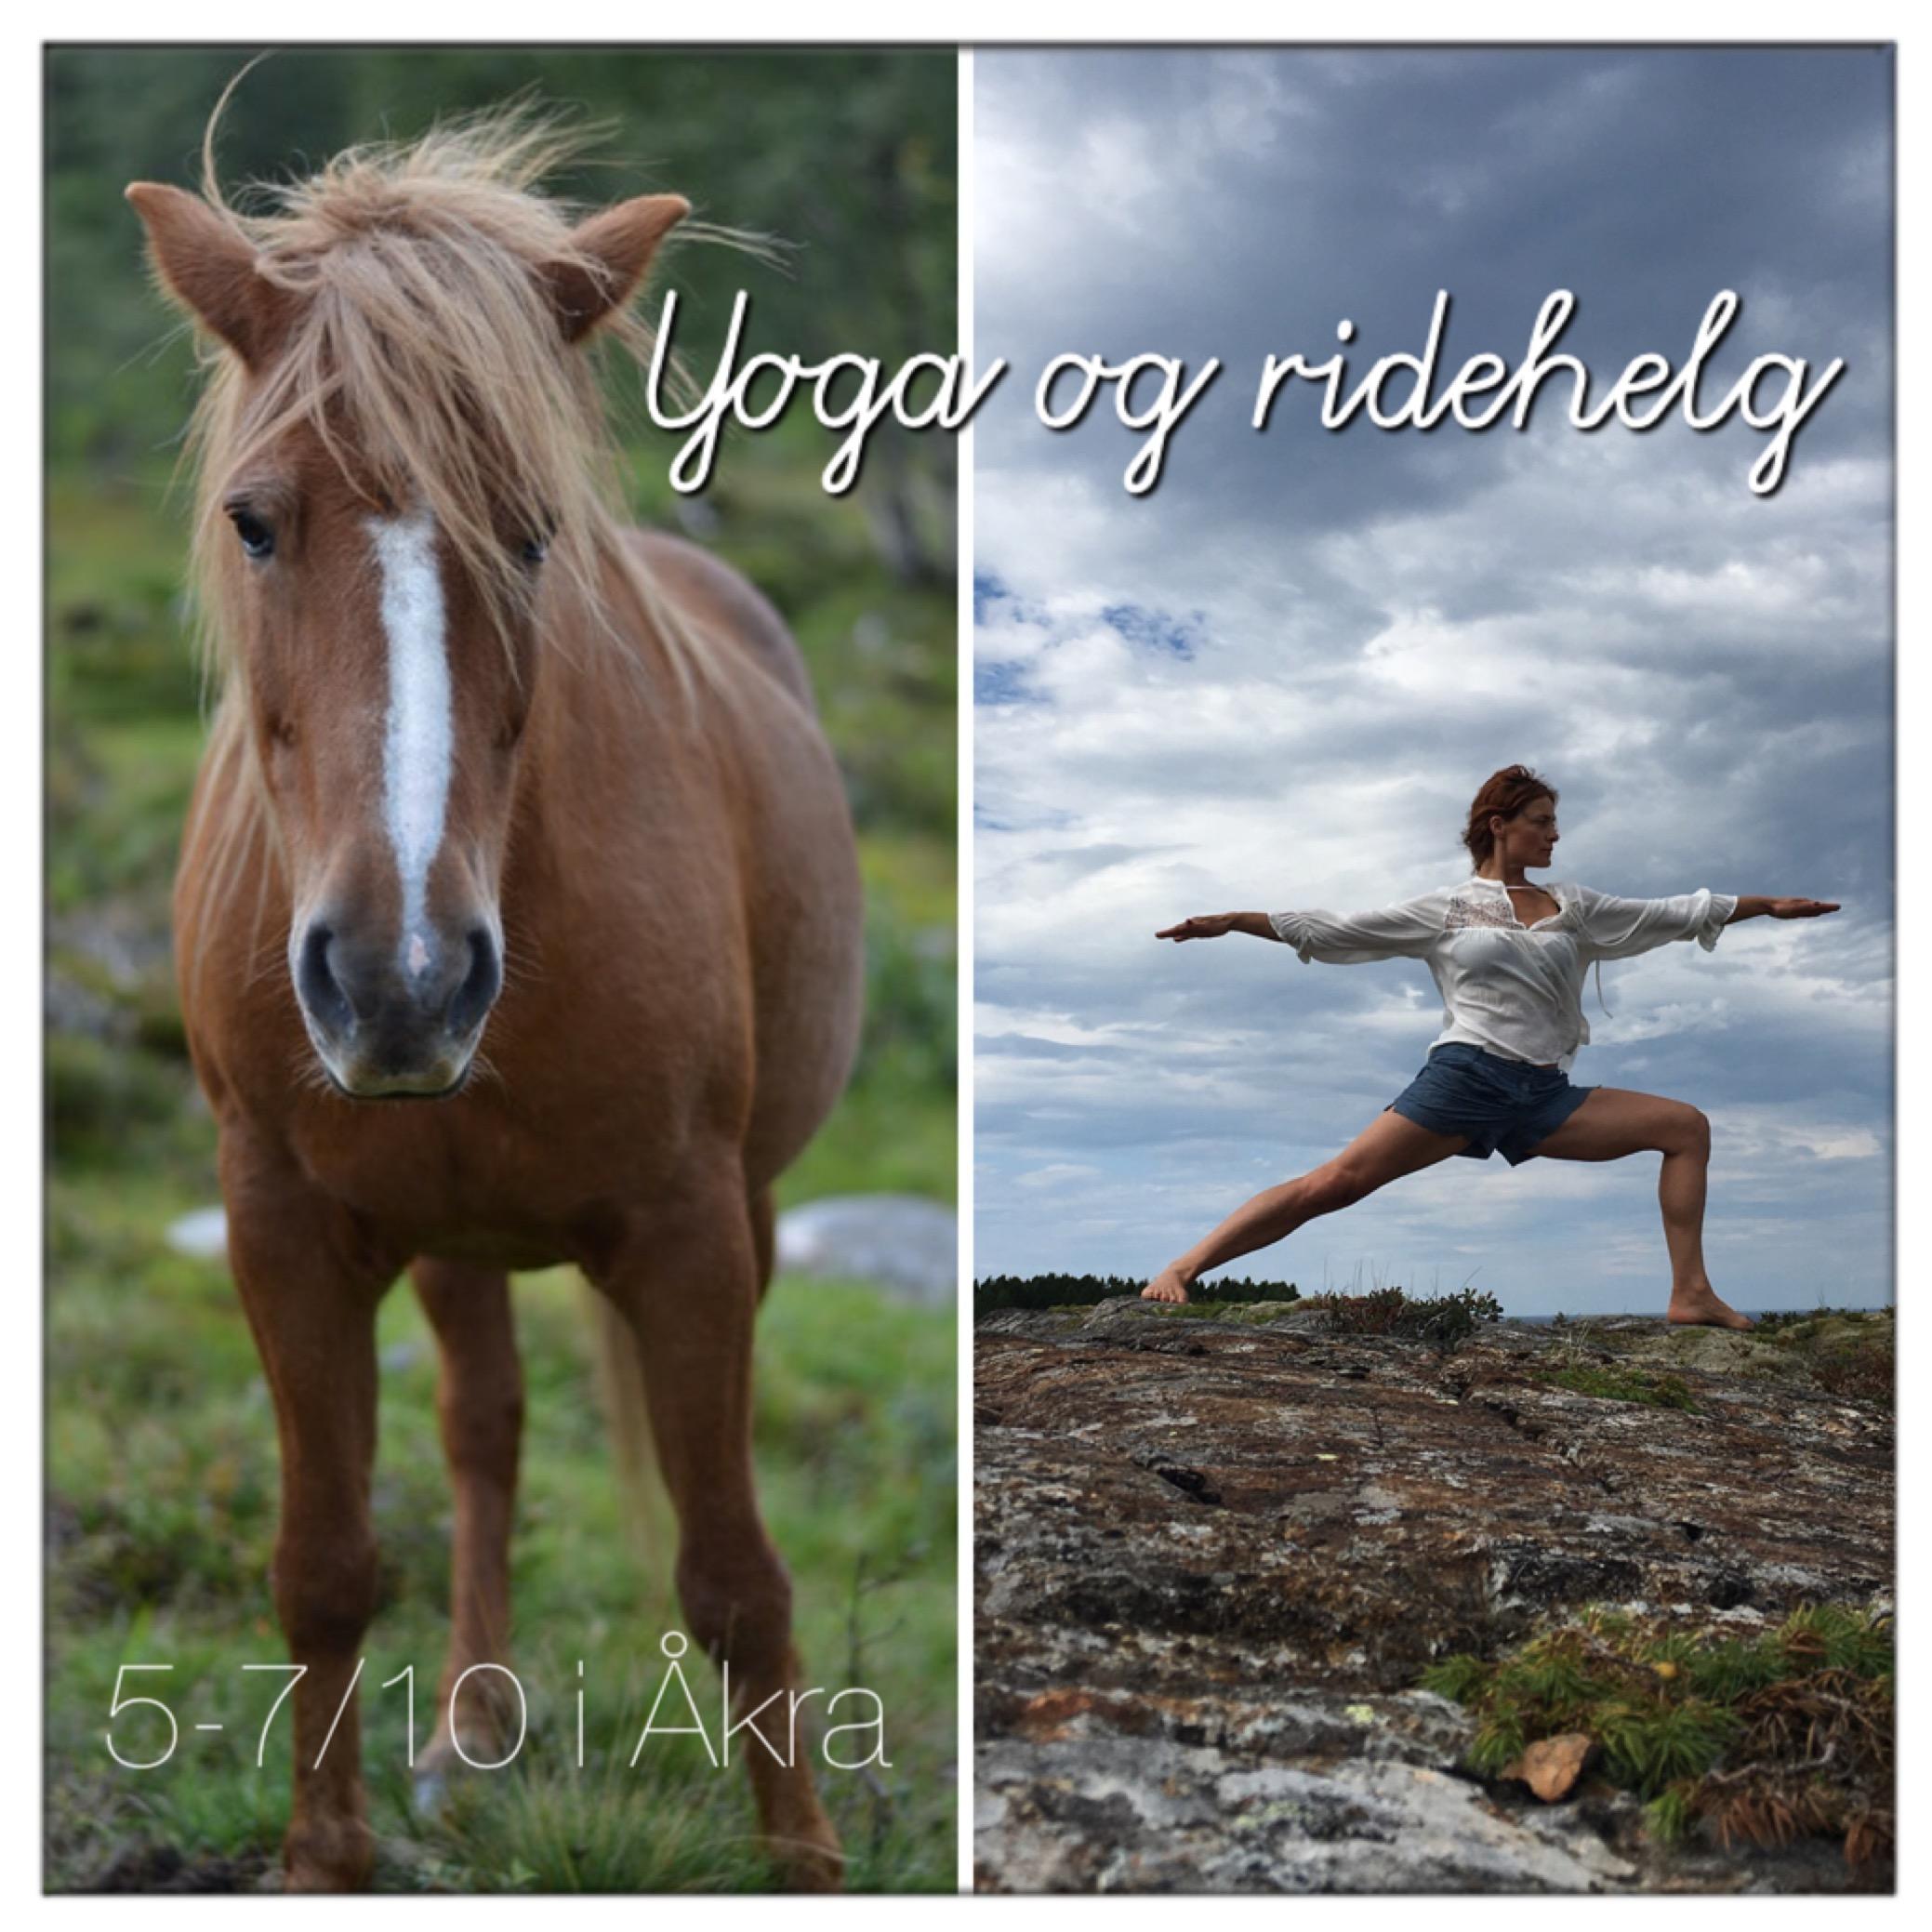 Yoga og ridehelg 14-16/6 2019 i Åkrafjorden